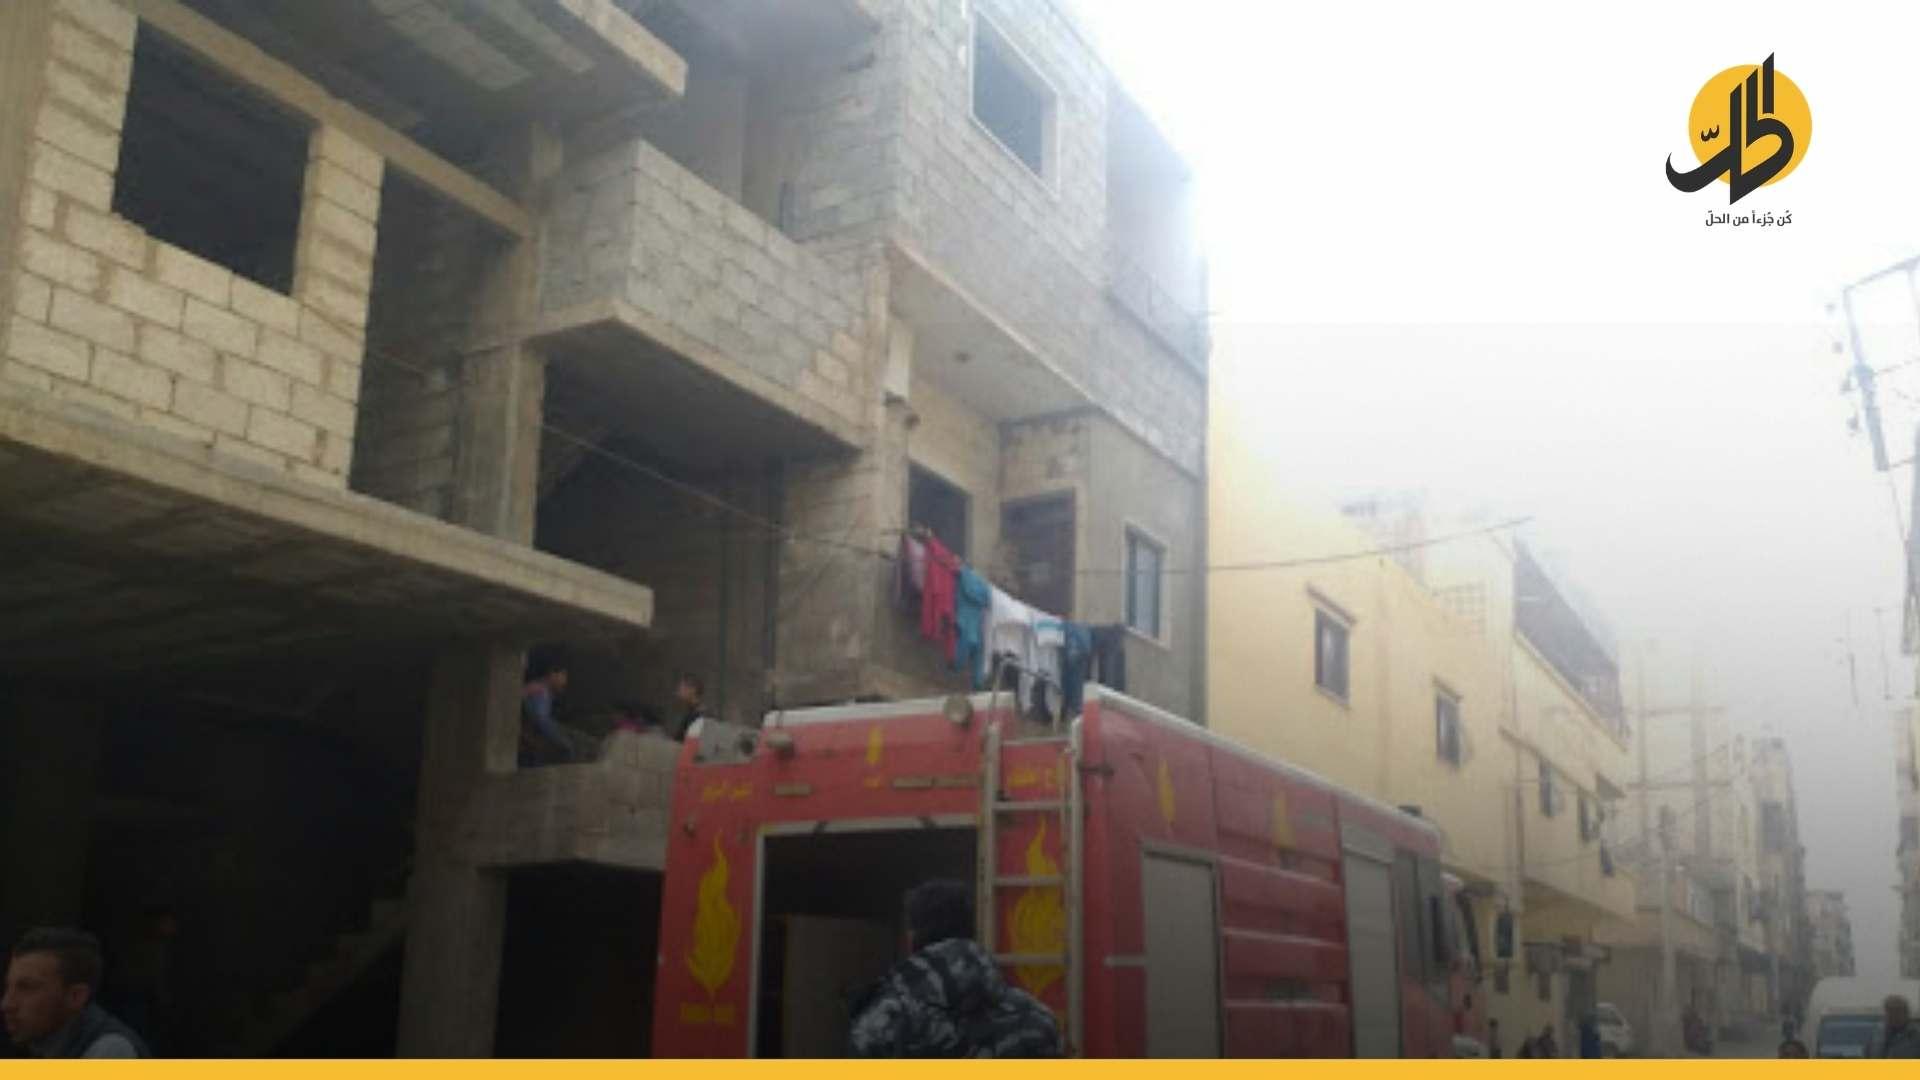 مدنيون في دير الزور يهاجمون مقراً لفصيلٍ مسلح موالي للجيش السوري.. فما السبب؟